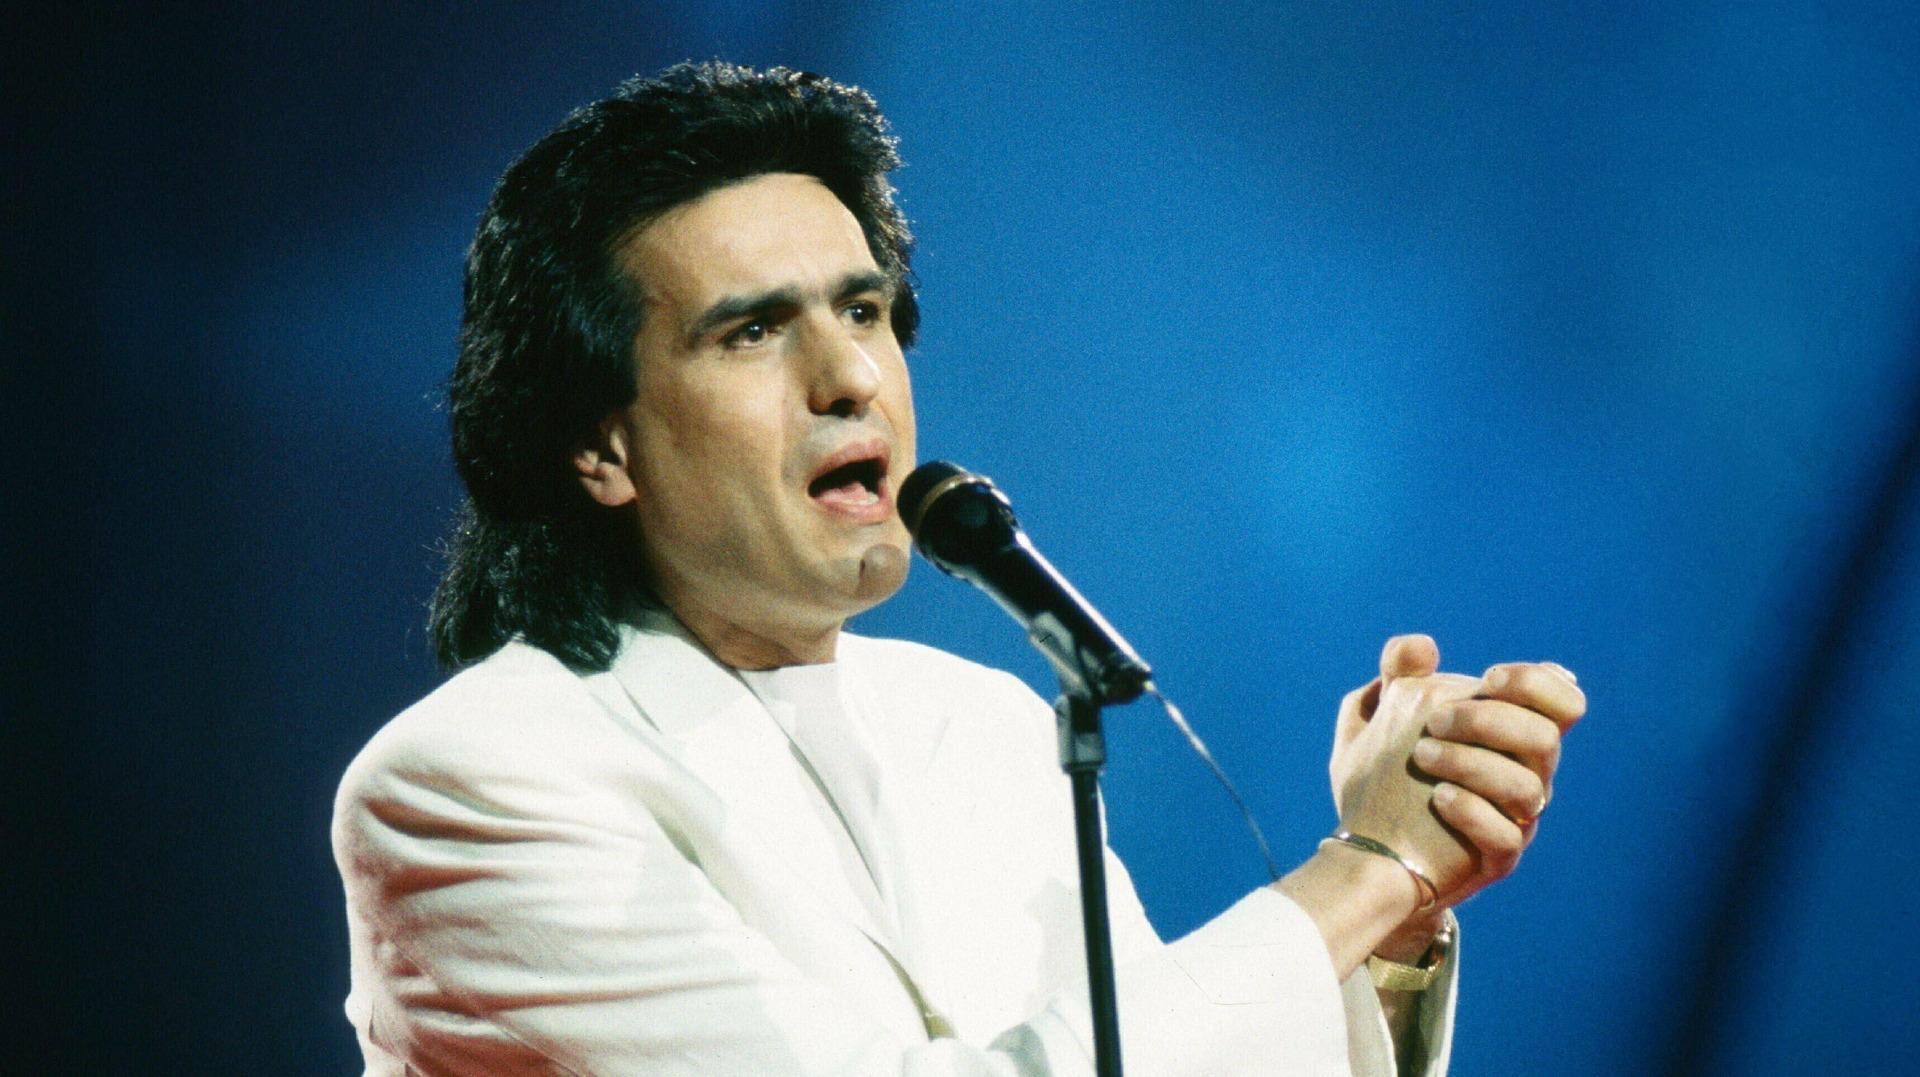 Toto Cutugno in Eurovision Song Contest '90: Zagreb/YU (1990)